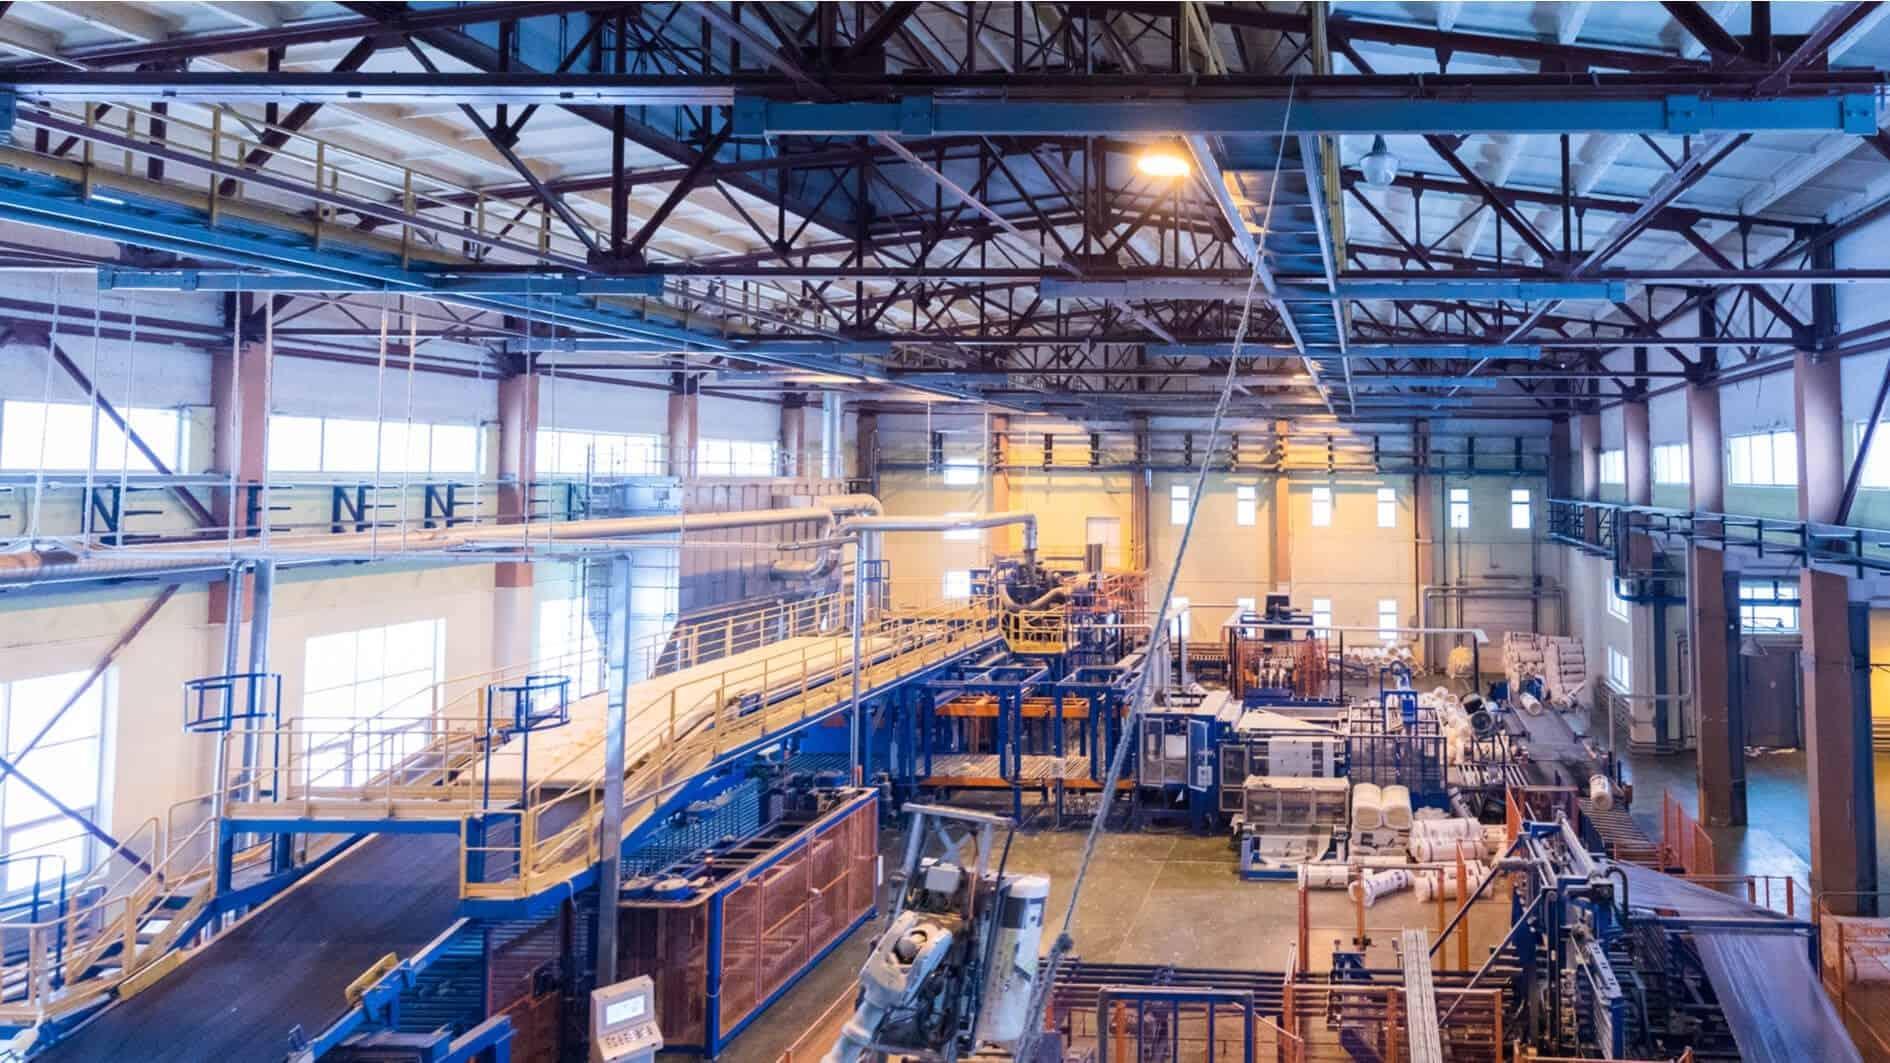 Geliat Pasar Industri Manufaktur dalam Perekonomian Indonesia